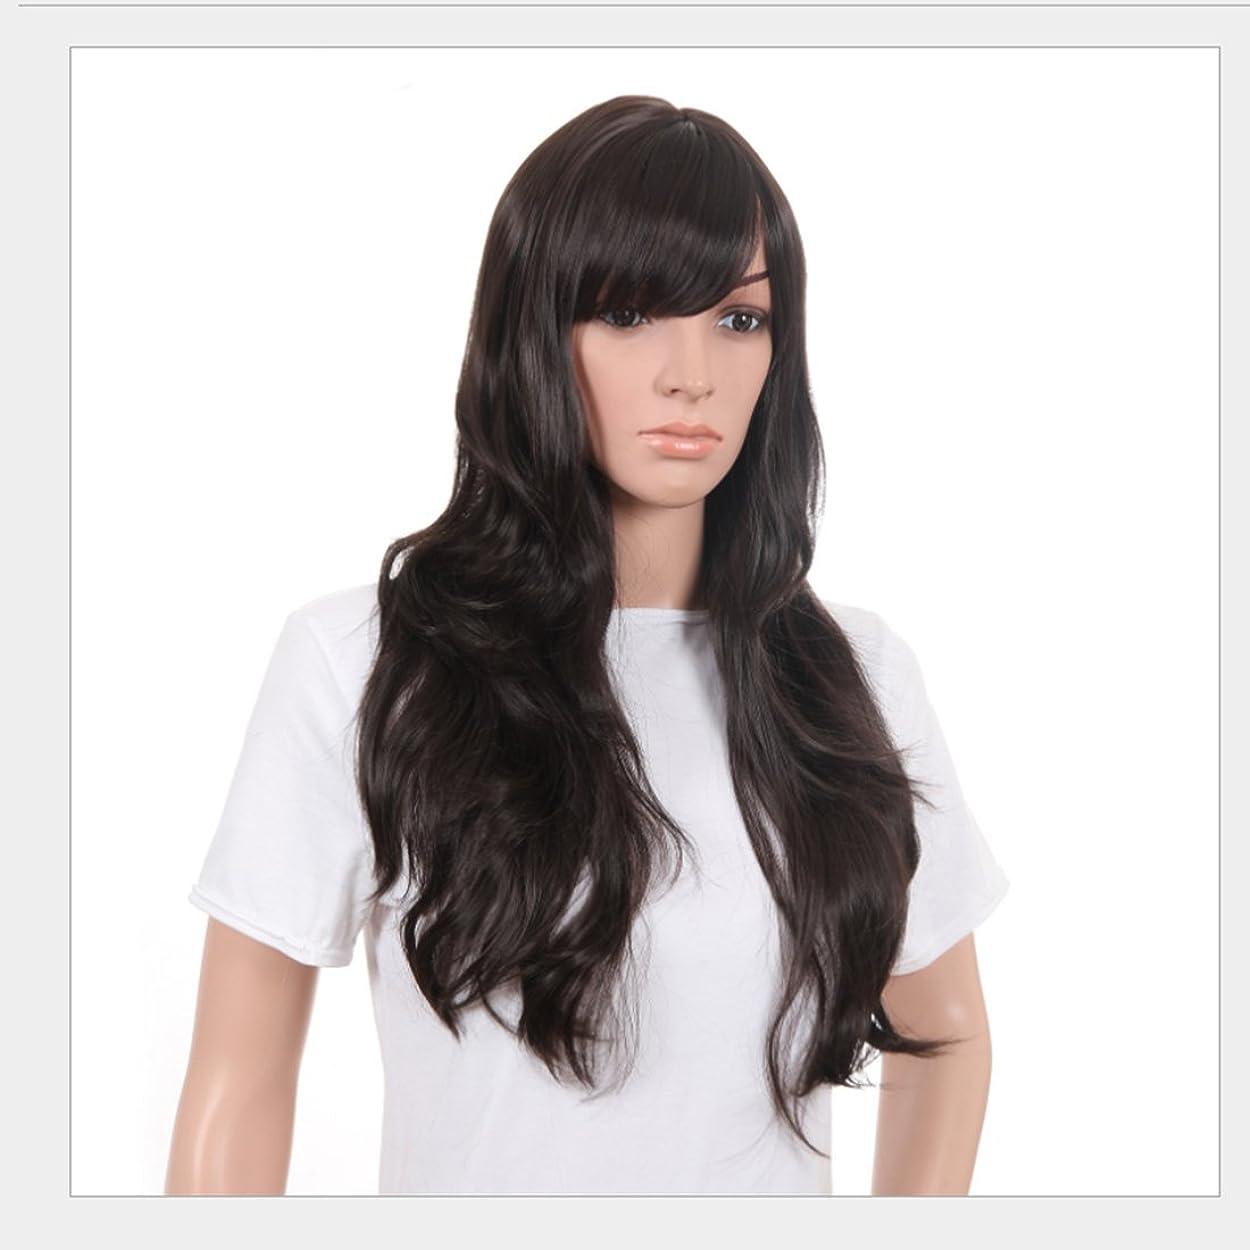 介入するくつろぎ呼び出すDoyvanntgo 女性のための新鮮で素敵な髪型ウィッグロングストレートヘアーパーソナリティオブリックバングウィッグパーソナリティヘアナチュラルカラー21inchの長さのためのふわふわかつら(黒、ベージュ) (Color : ブラック)